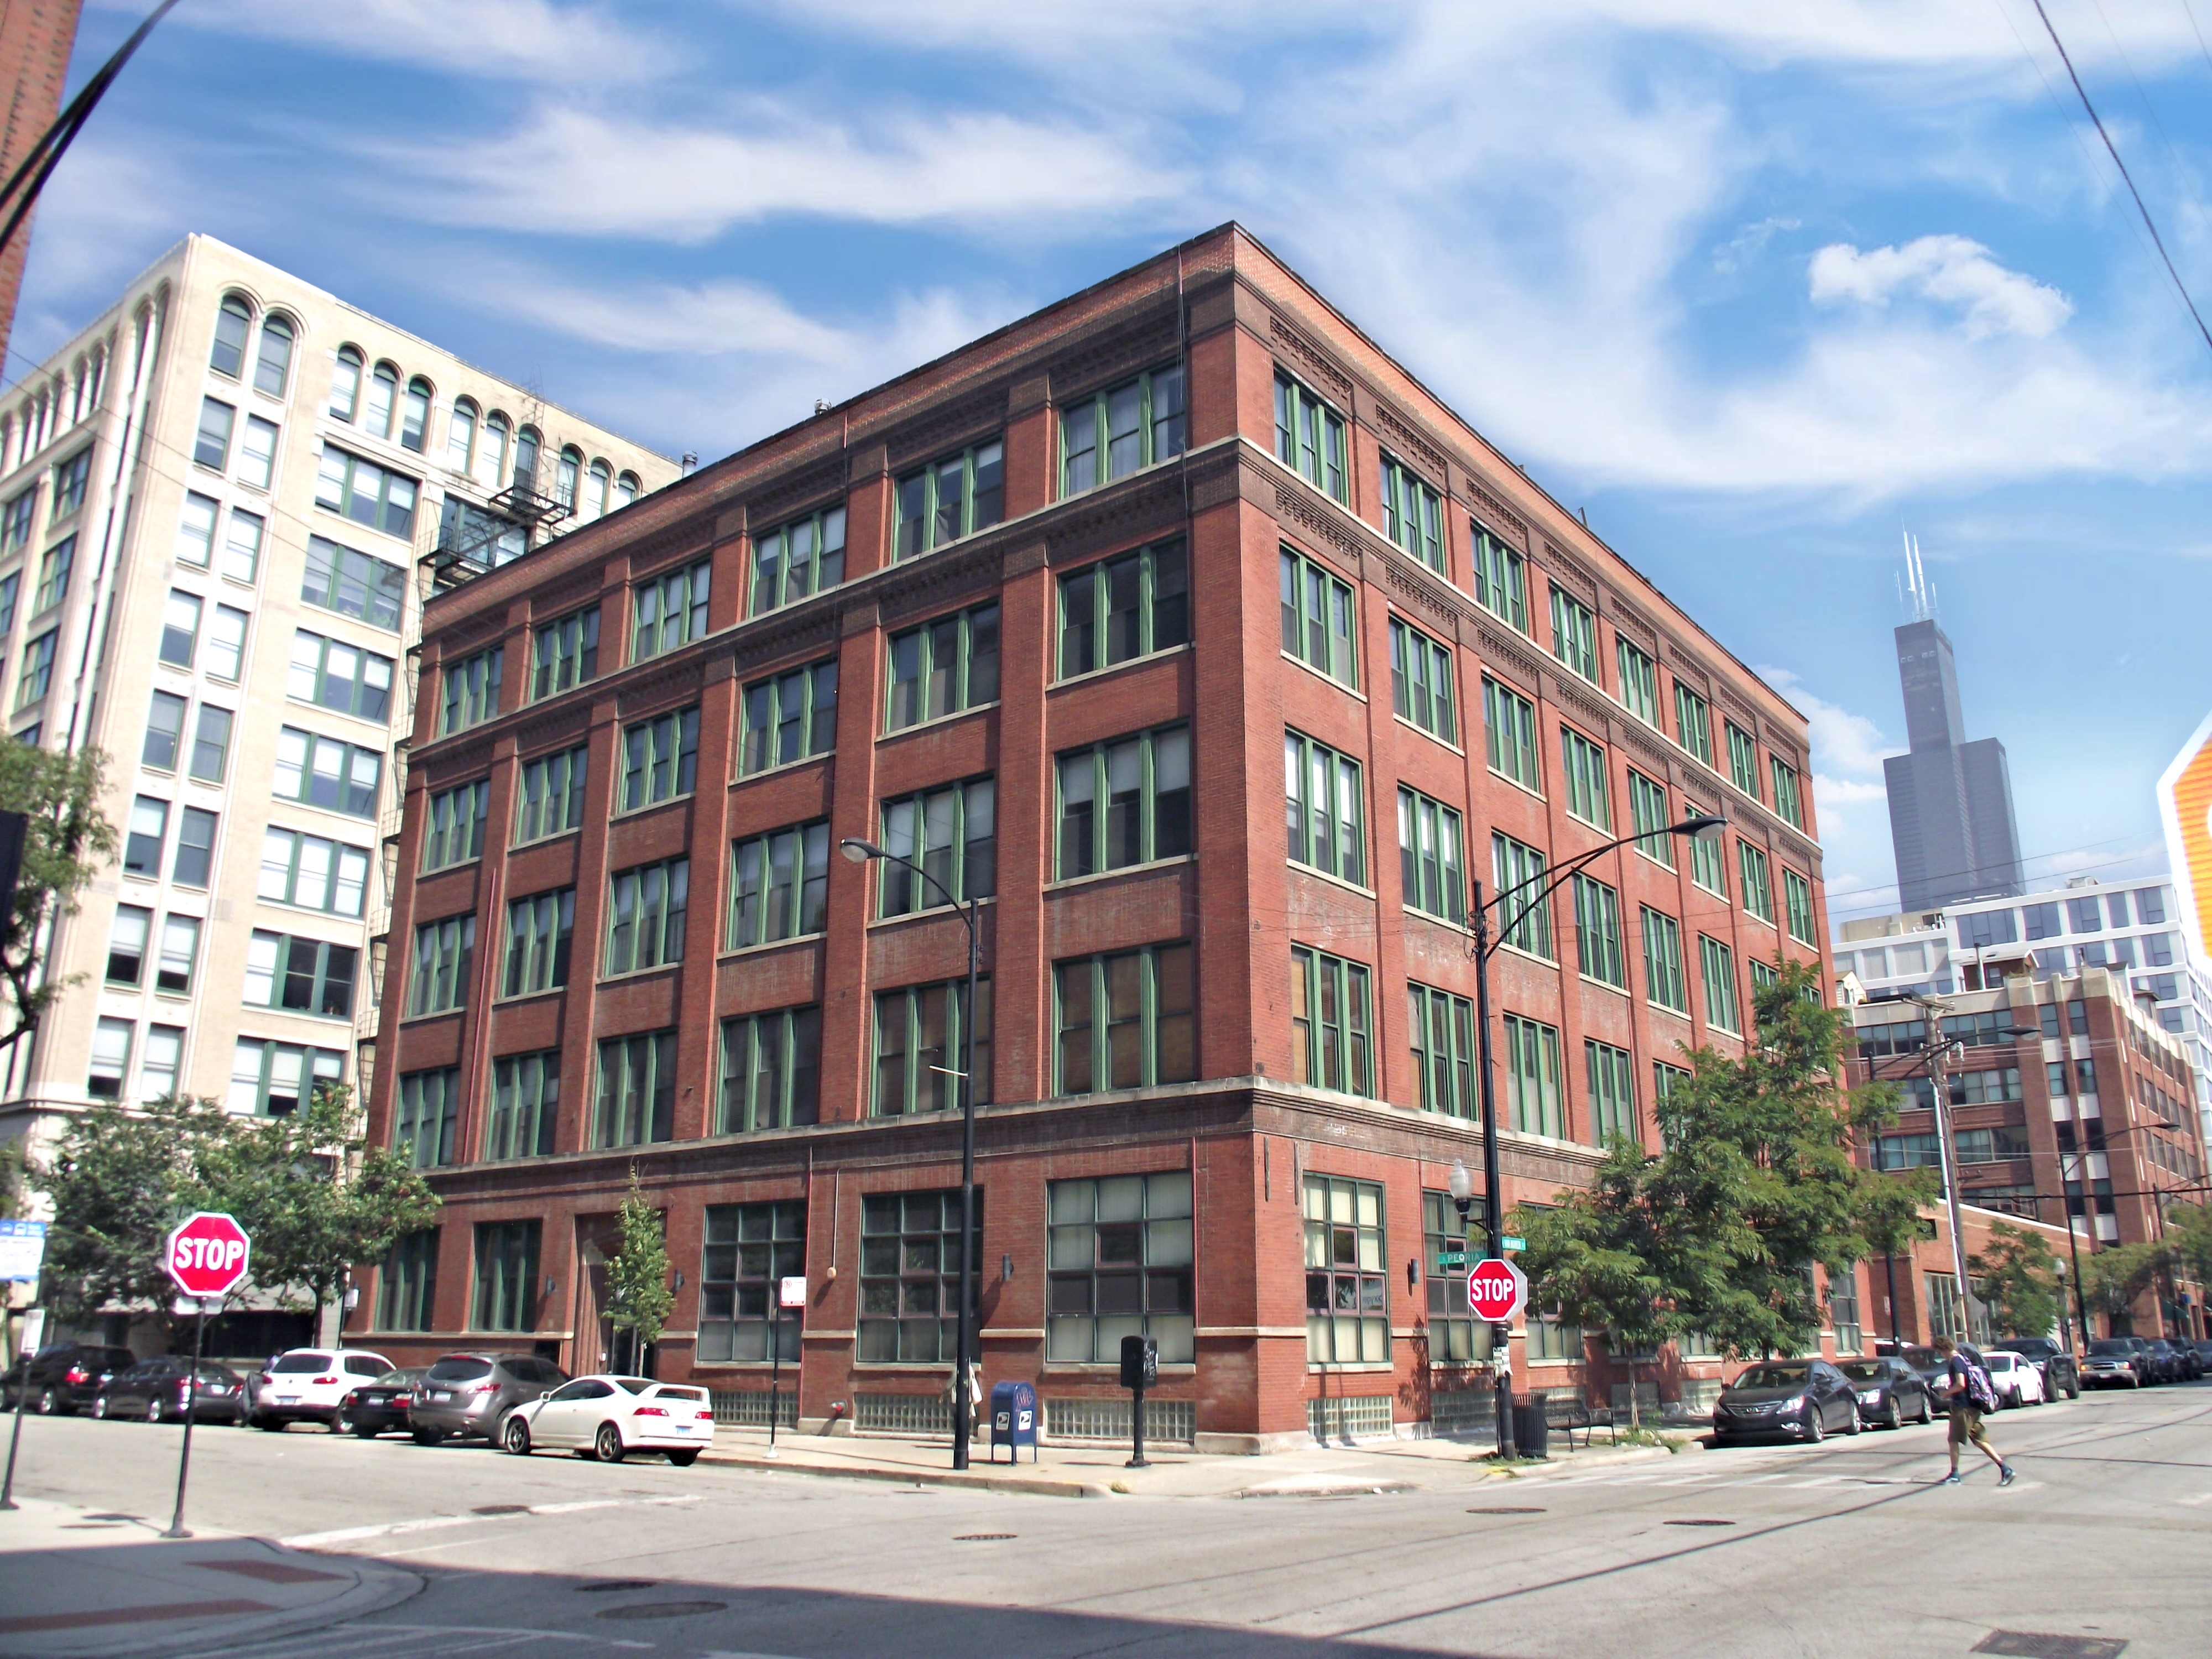 331 Peoria Chicago